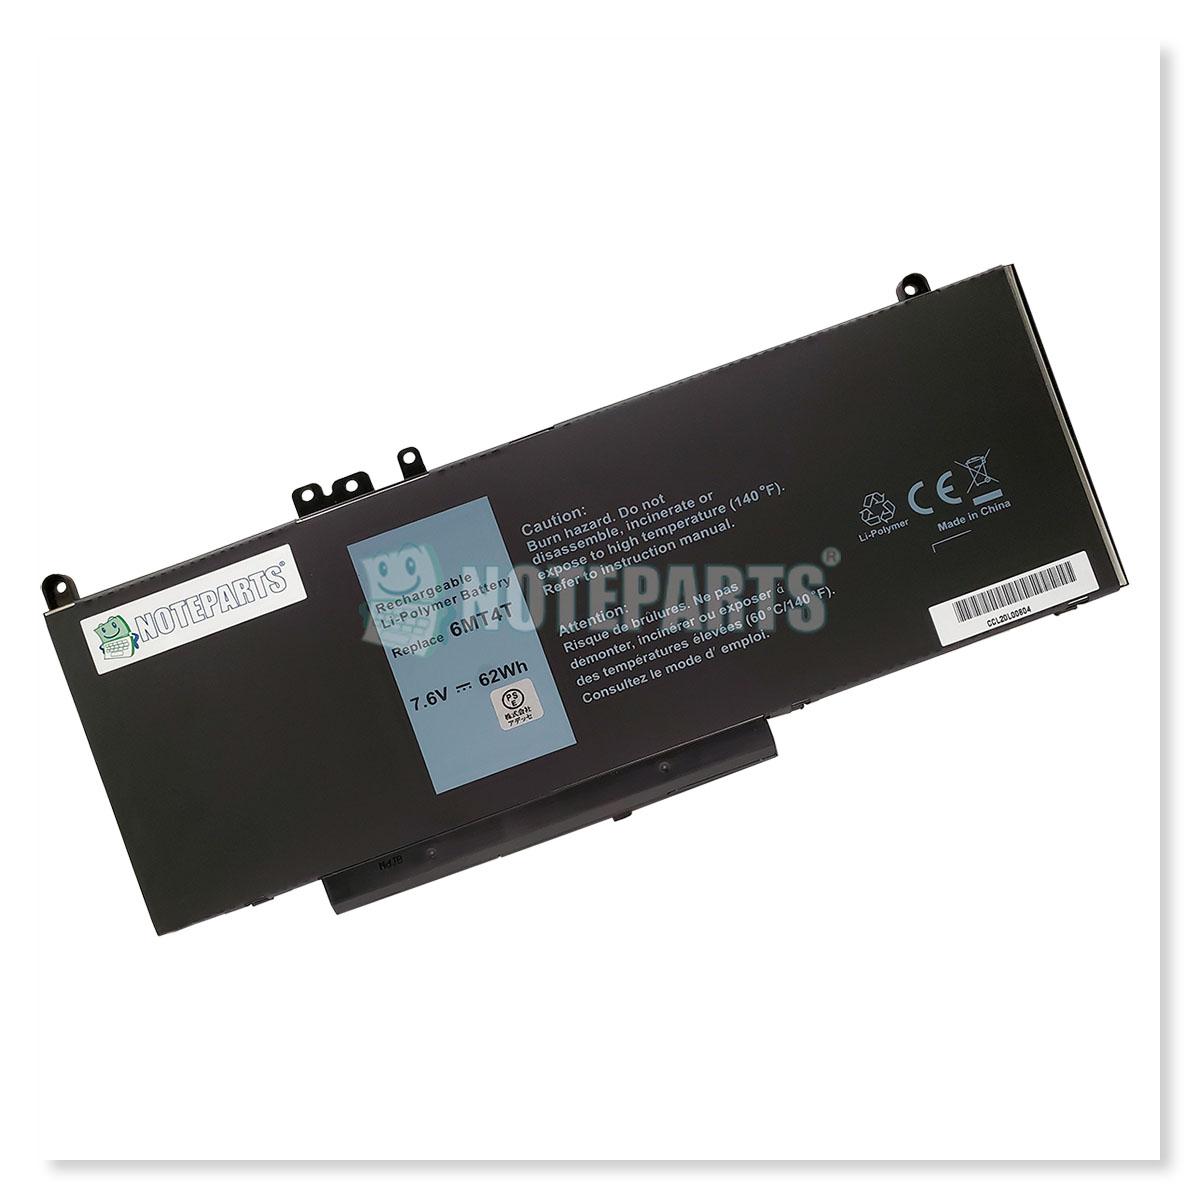 Dell デル Latitude 12 (E5270) 14 (E5470) 15 (E5570)  Precision 15 (3510) バッテリー 79VRK HK6DV 6MT4T TXF9M対応